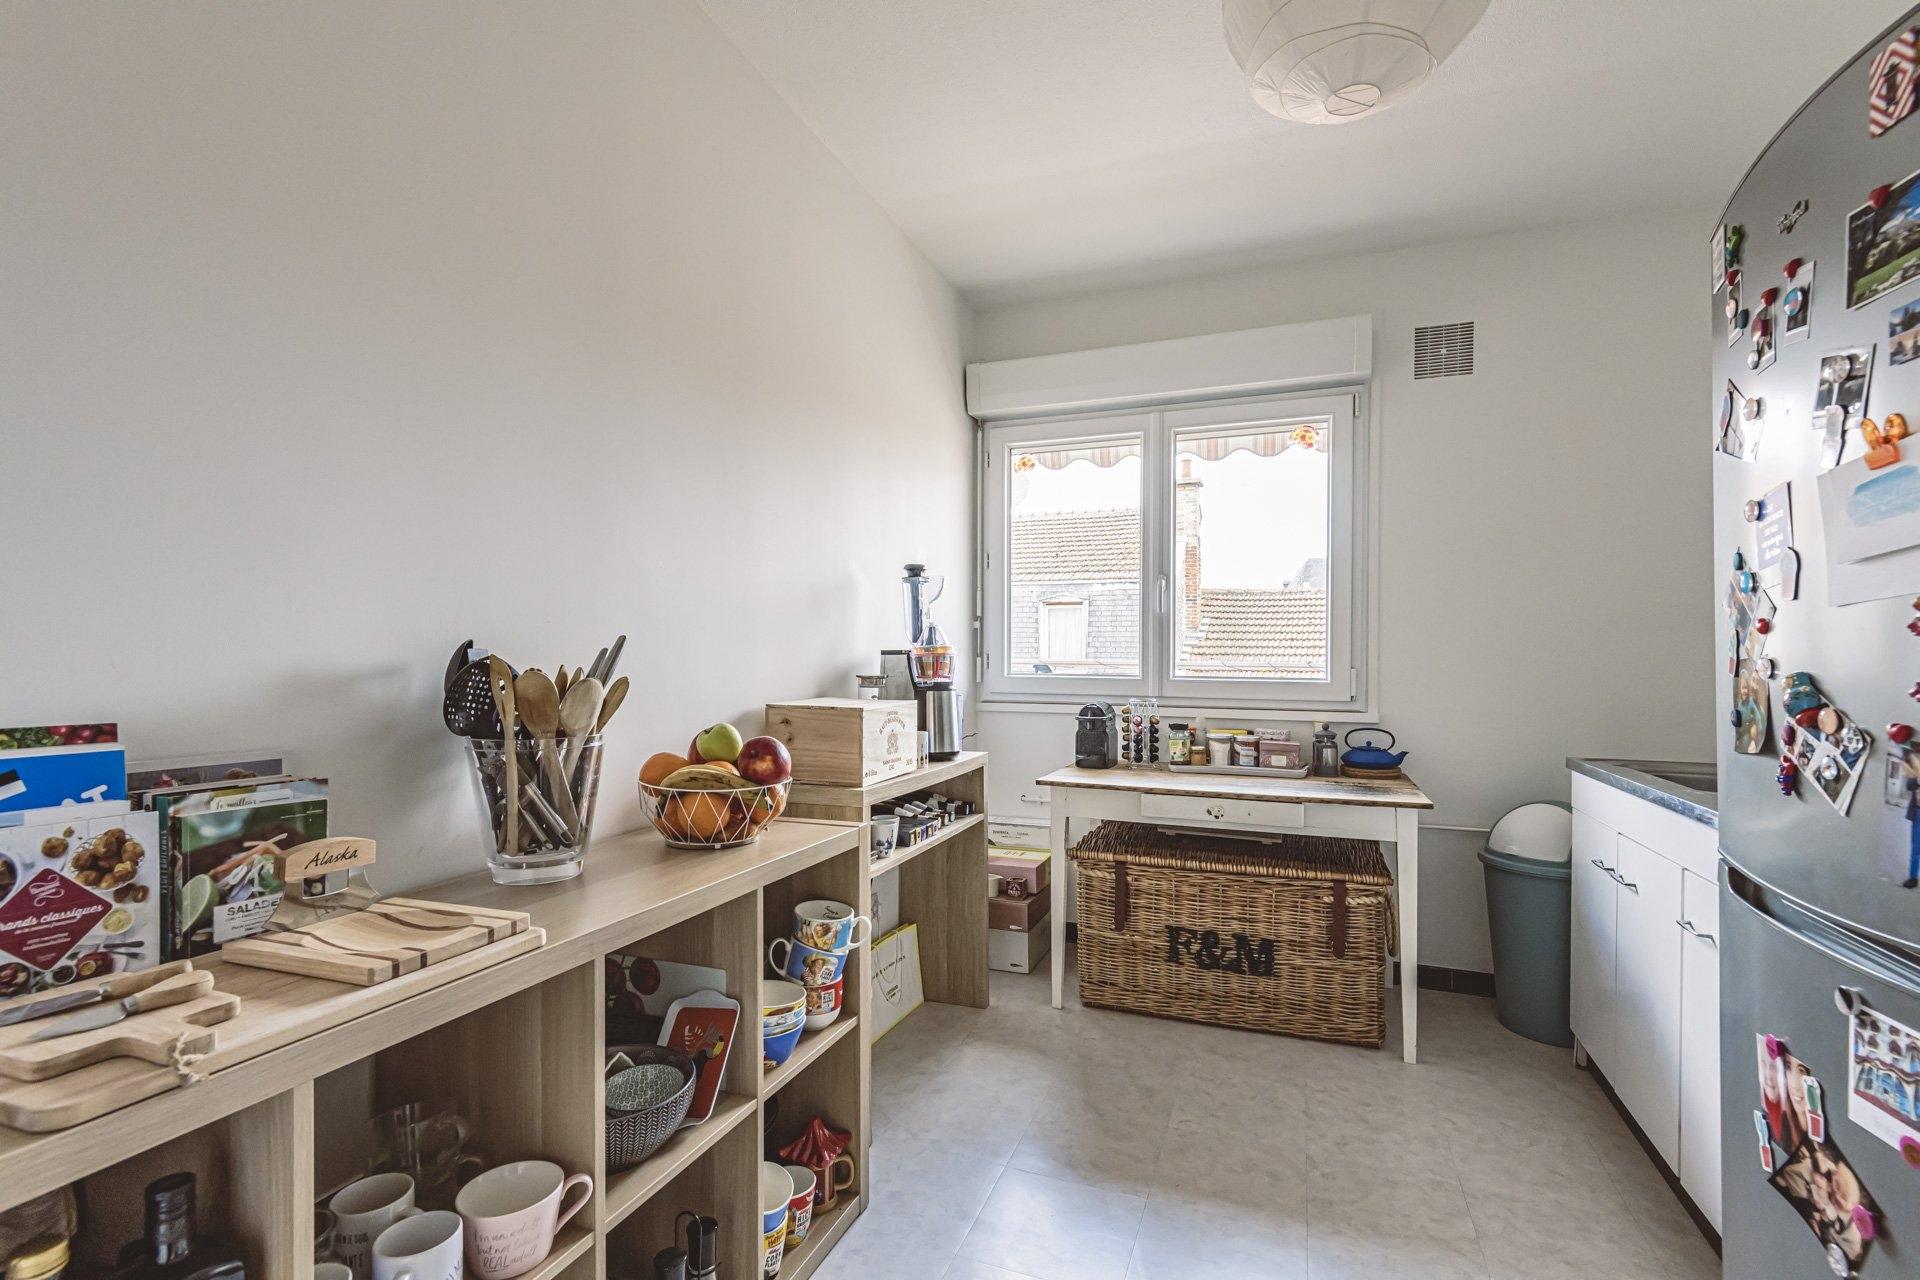 Appartement Reims 3 Pièces 68.3 m2 - Balcon - 4